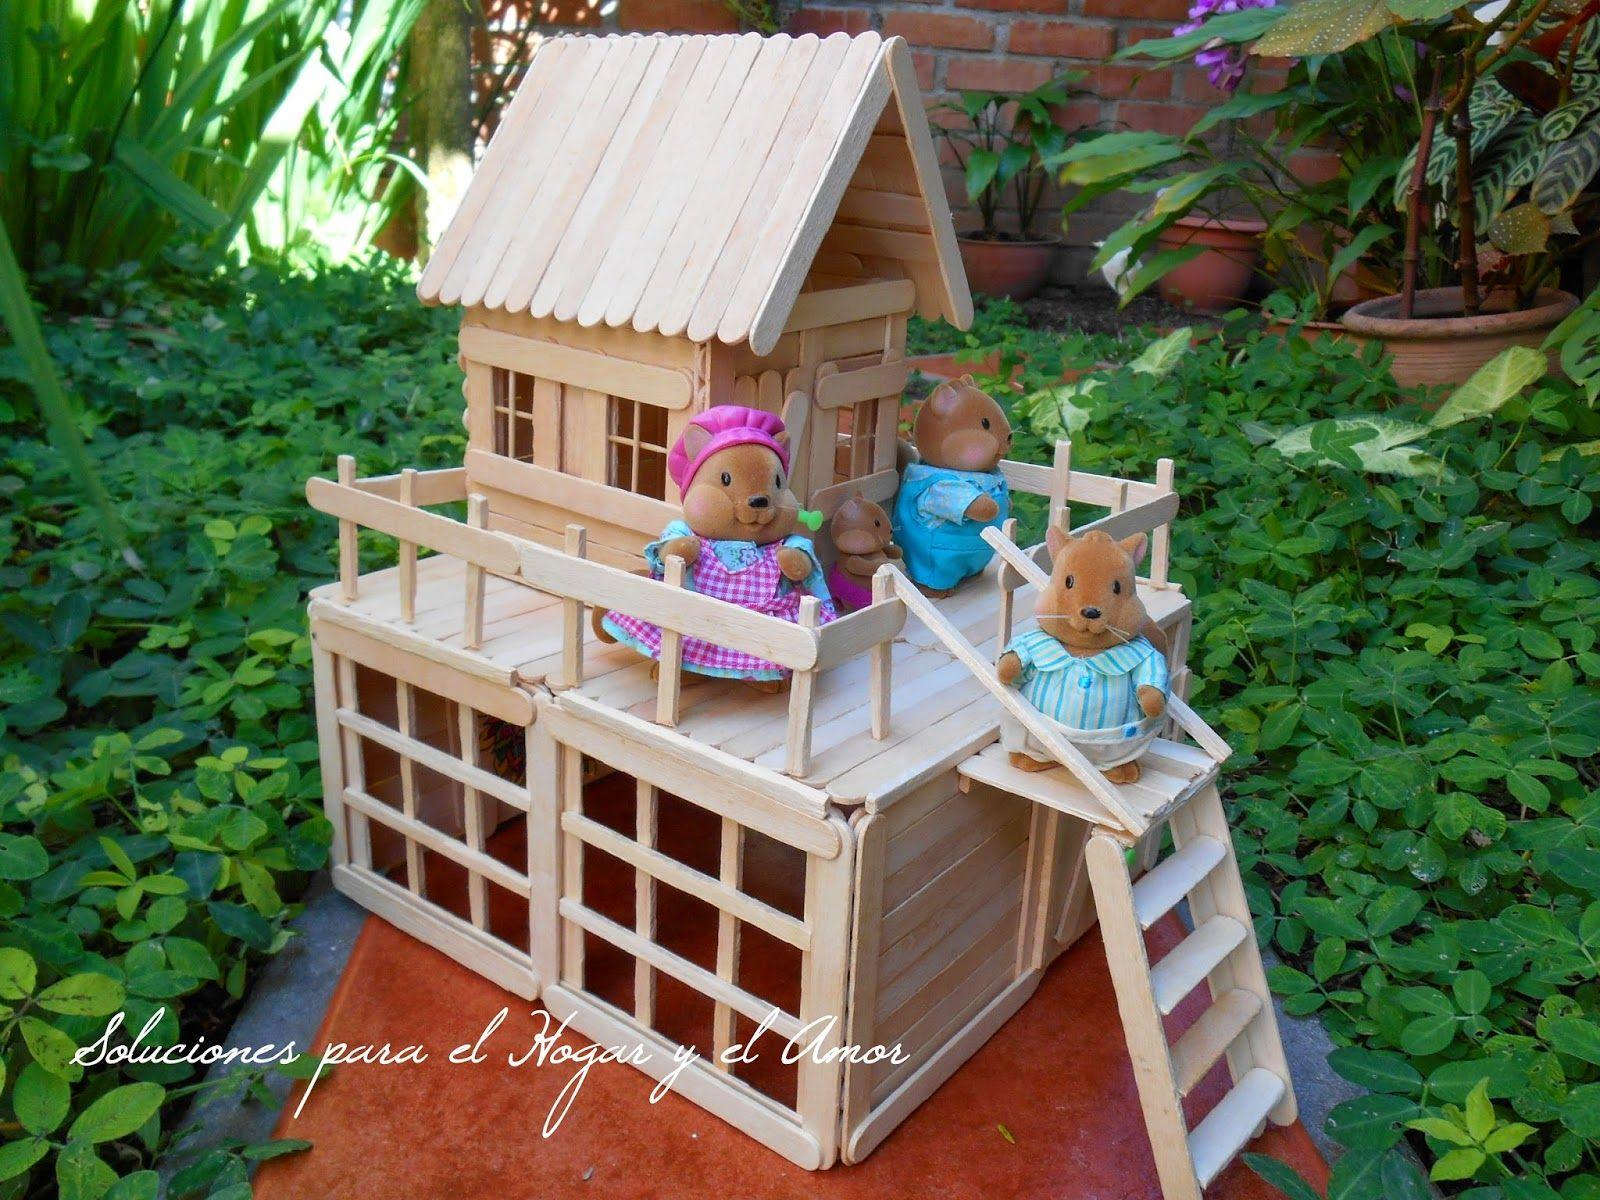 Como hacer casas con palitos de madera buscar con google - Cosas de madera para hacer ...